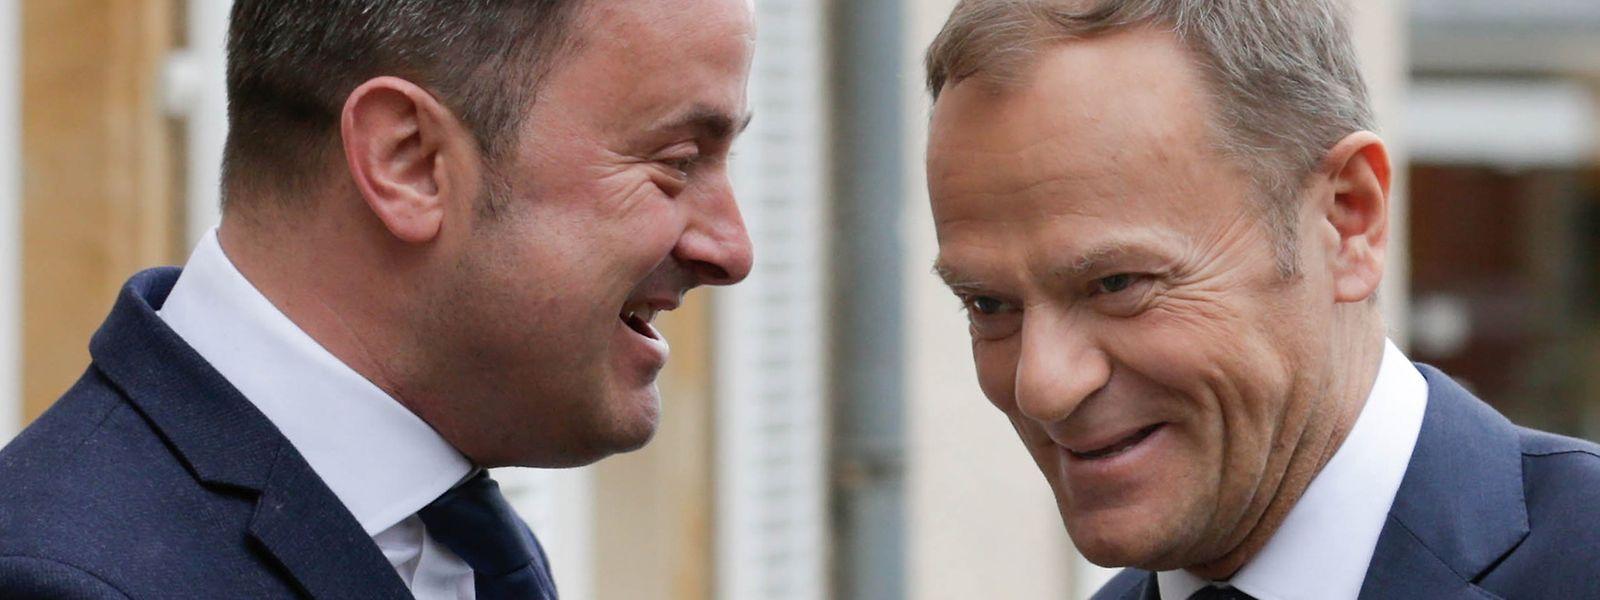 Bei einer Visite von EU-Ratspräsident Donald Tusk hat sich Xavier Bettel gegen Steuerharmonisierungspläne ausgesprochen.